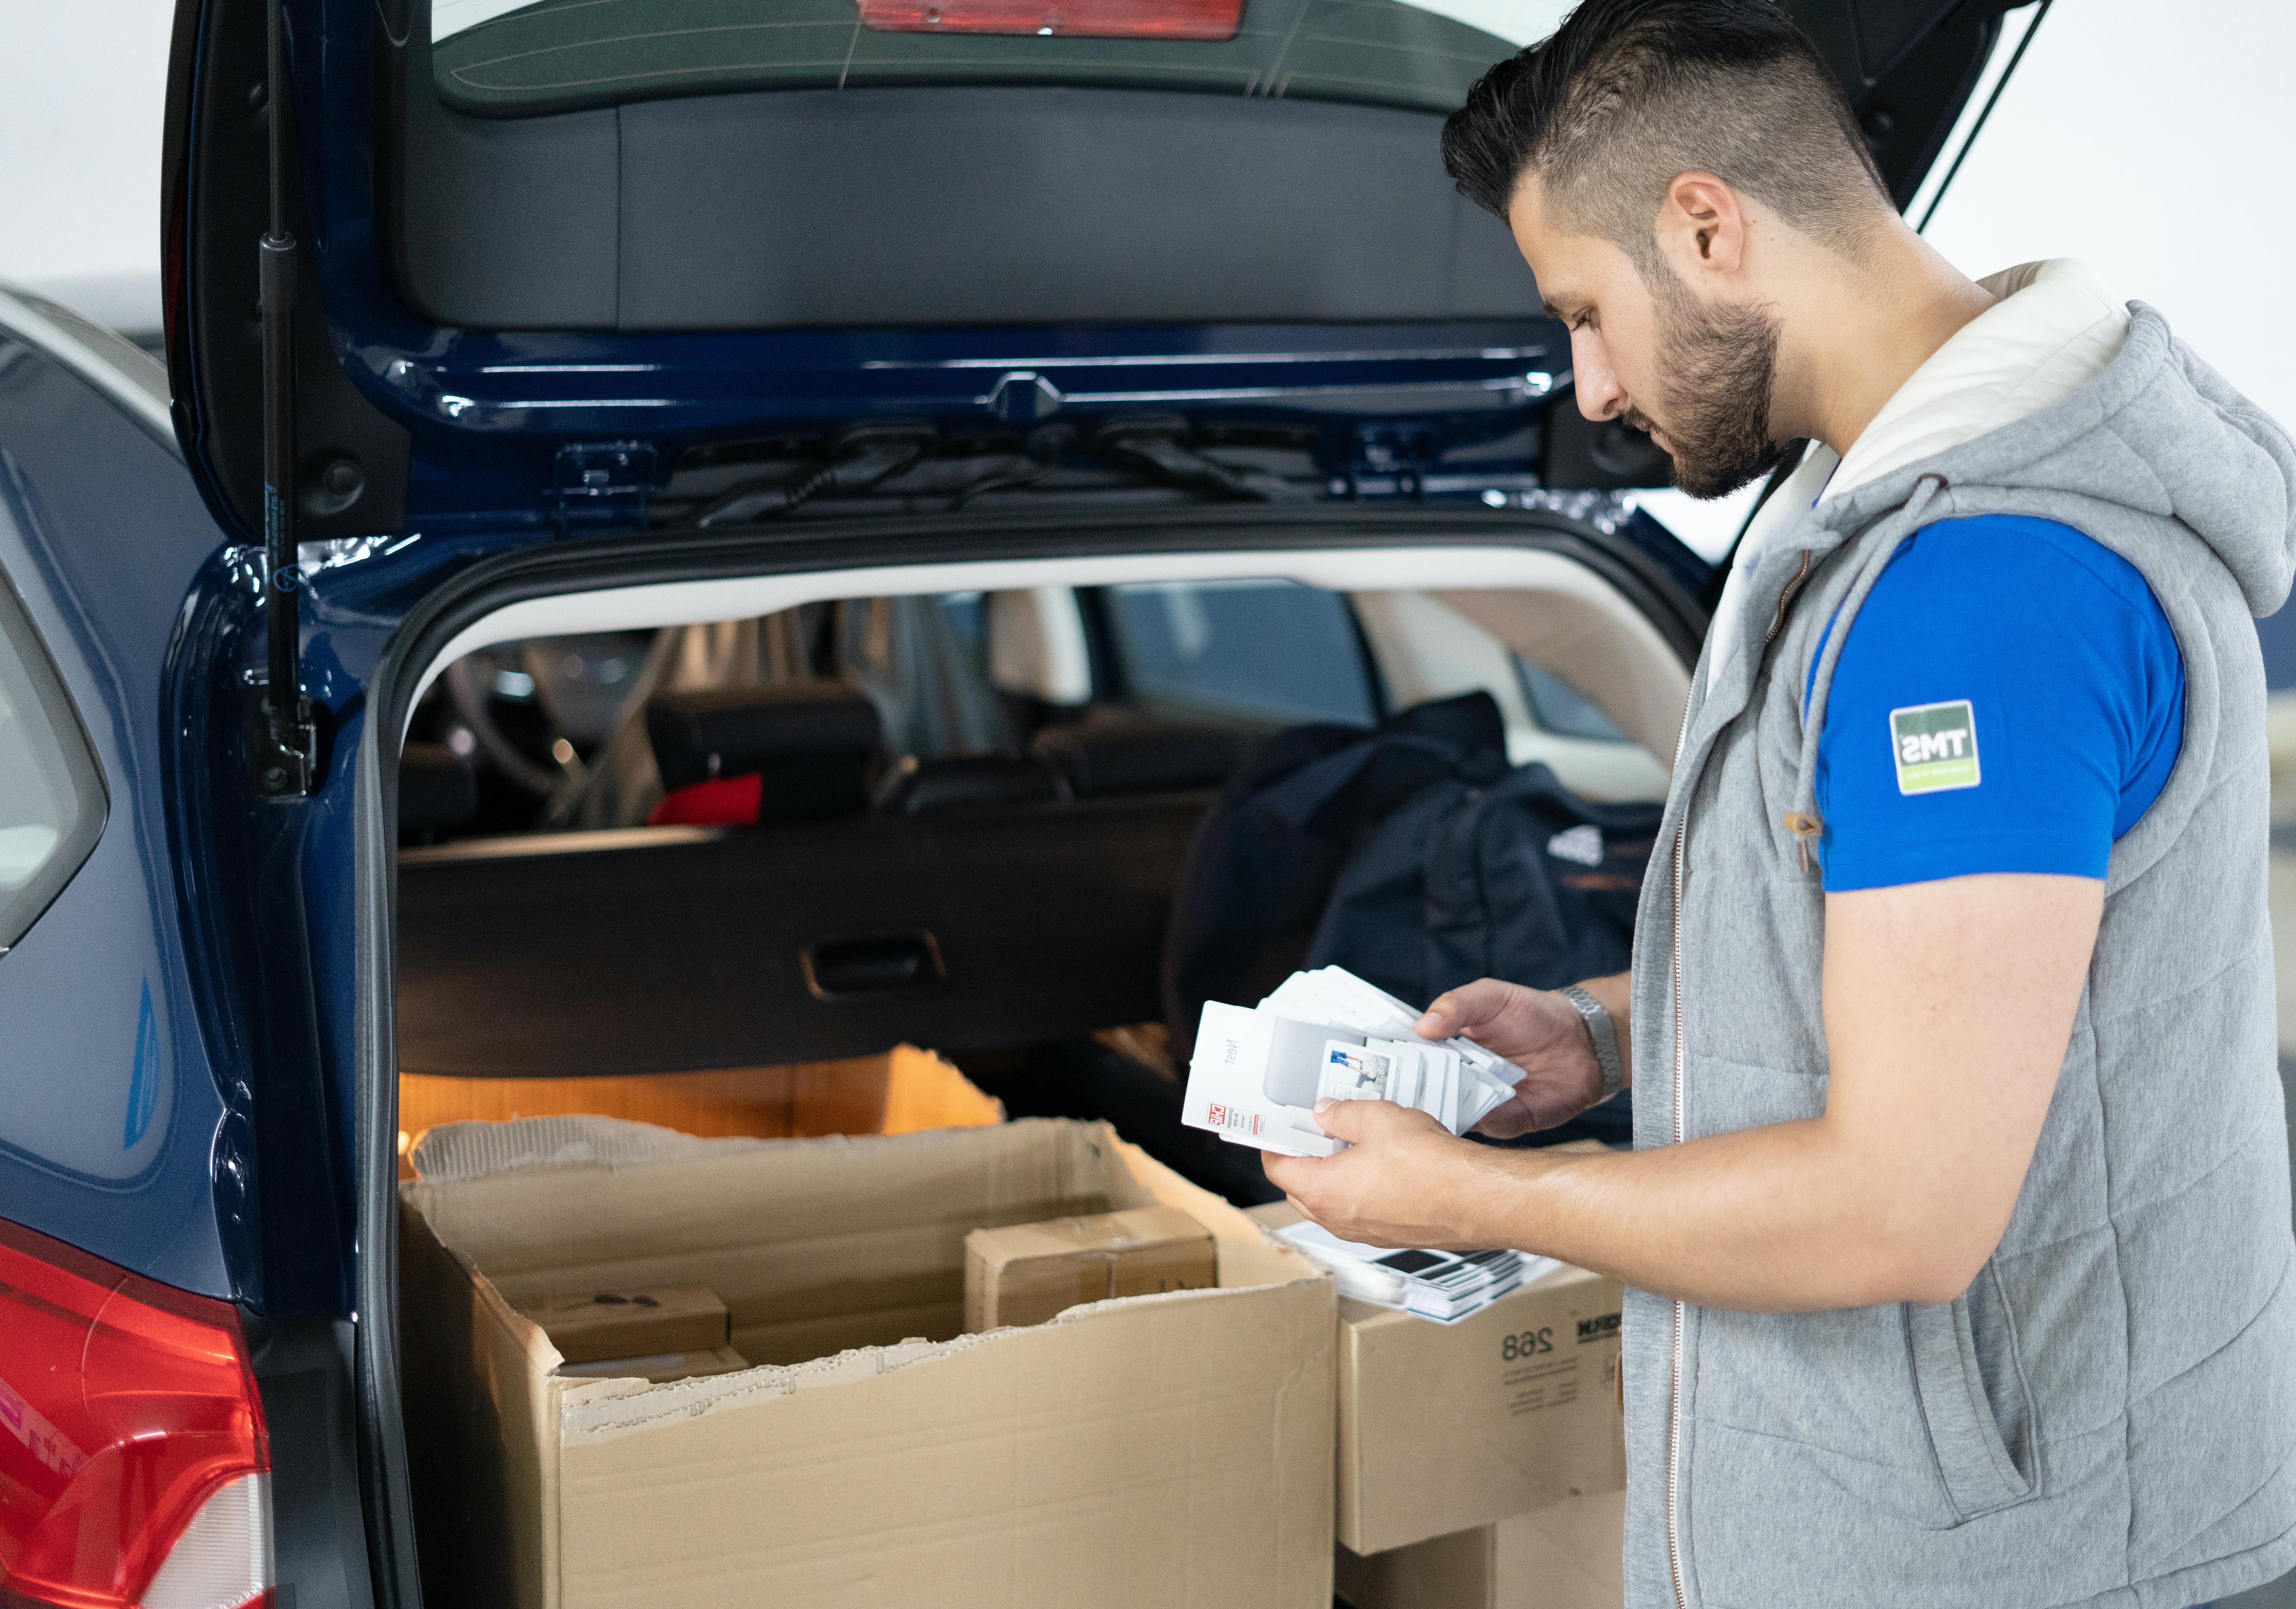 Kontrolle von Werbematerialien vor der Aktion im Kofferraum des Firmenwagens